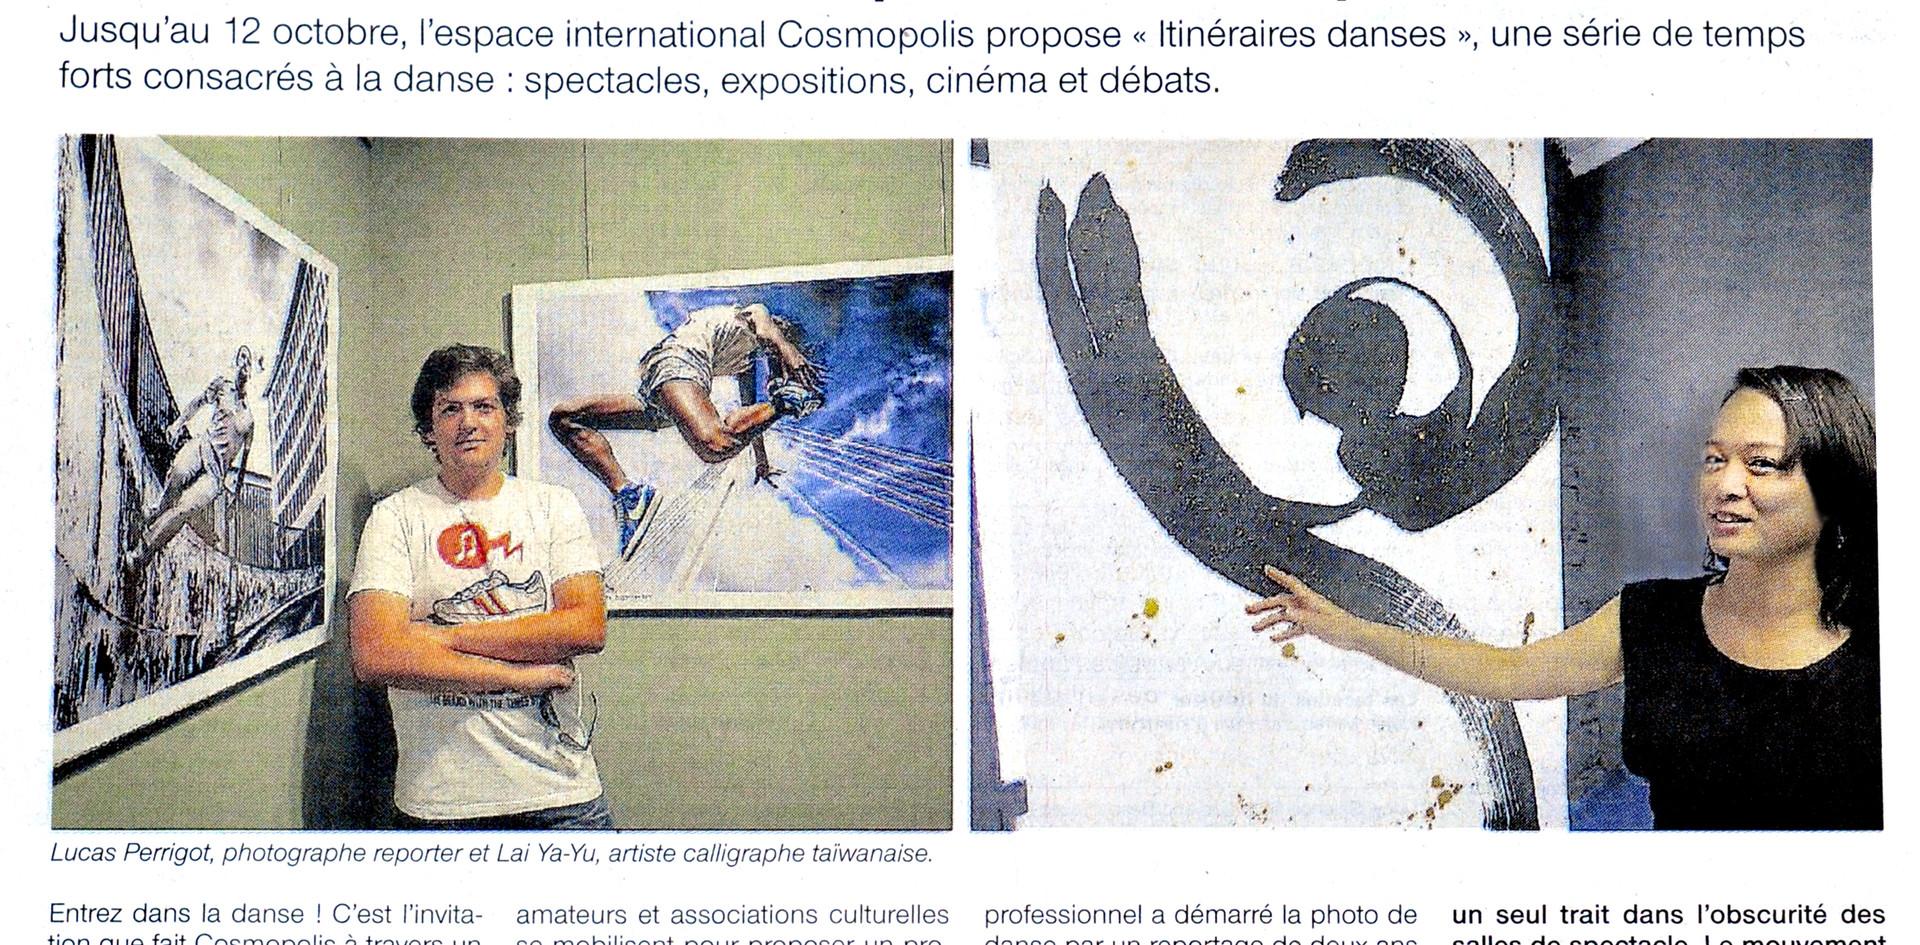 Exposition_ Itiniaire de la danse_ Ouest France